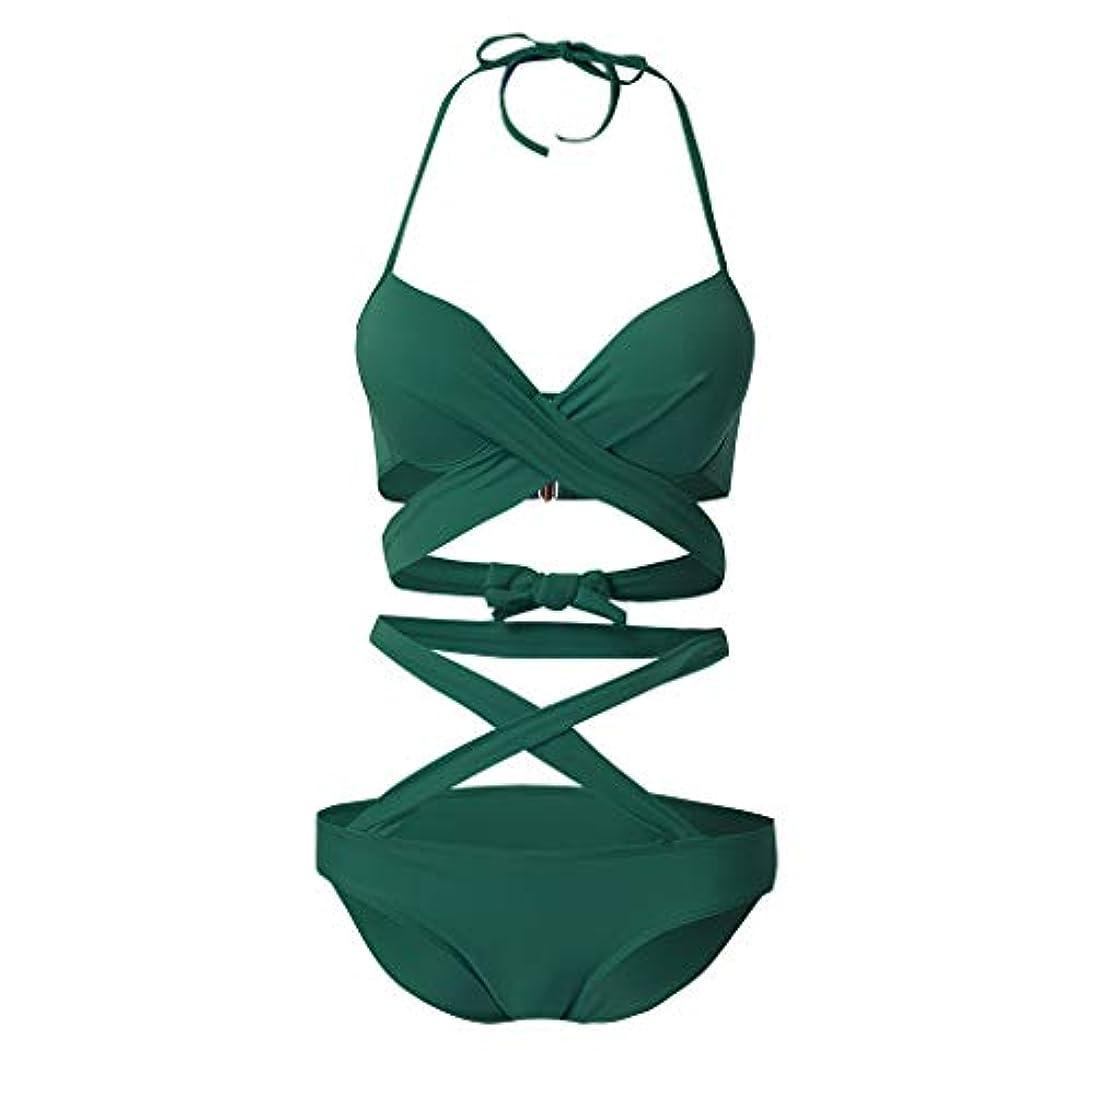 救出みなす急性レディース 水着 OD企画 女性 ビキニ クロス ビキニ レディース 水着 2点 セット ワイヤー パッド入り ビキニ 上下 ワンピース おしゃれ 海水浴 ビーチ 温泉 海 旅行に適切